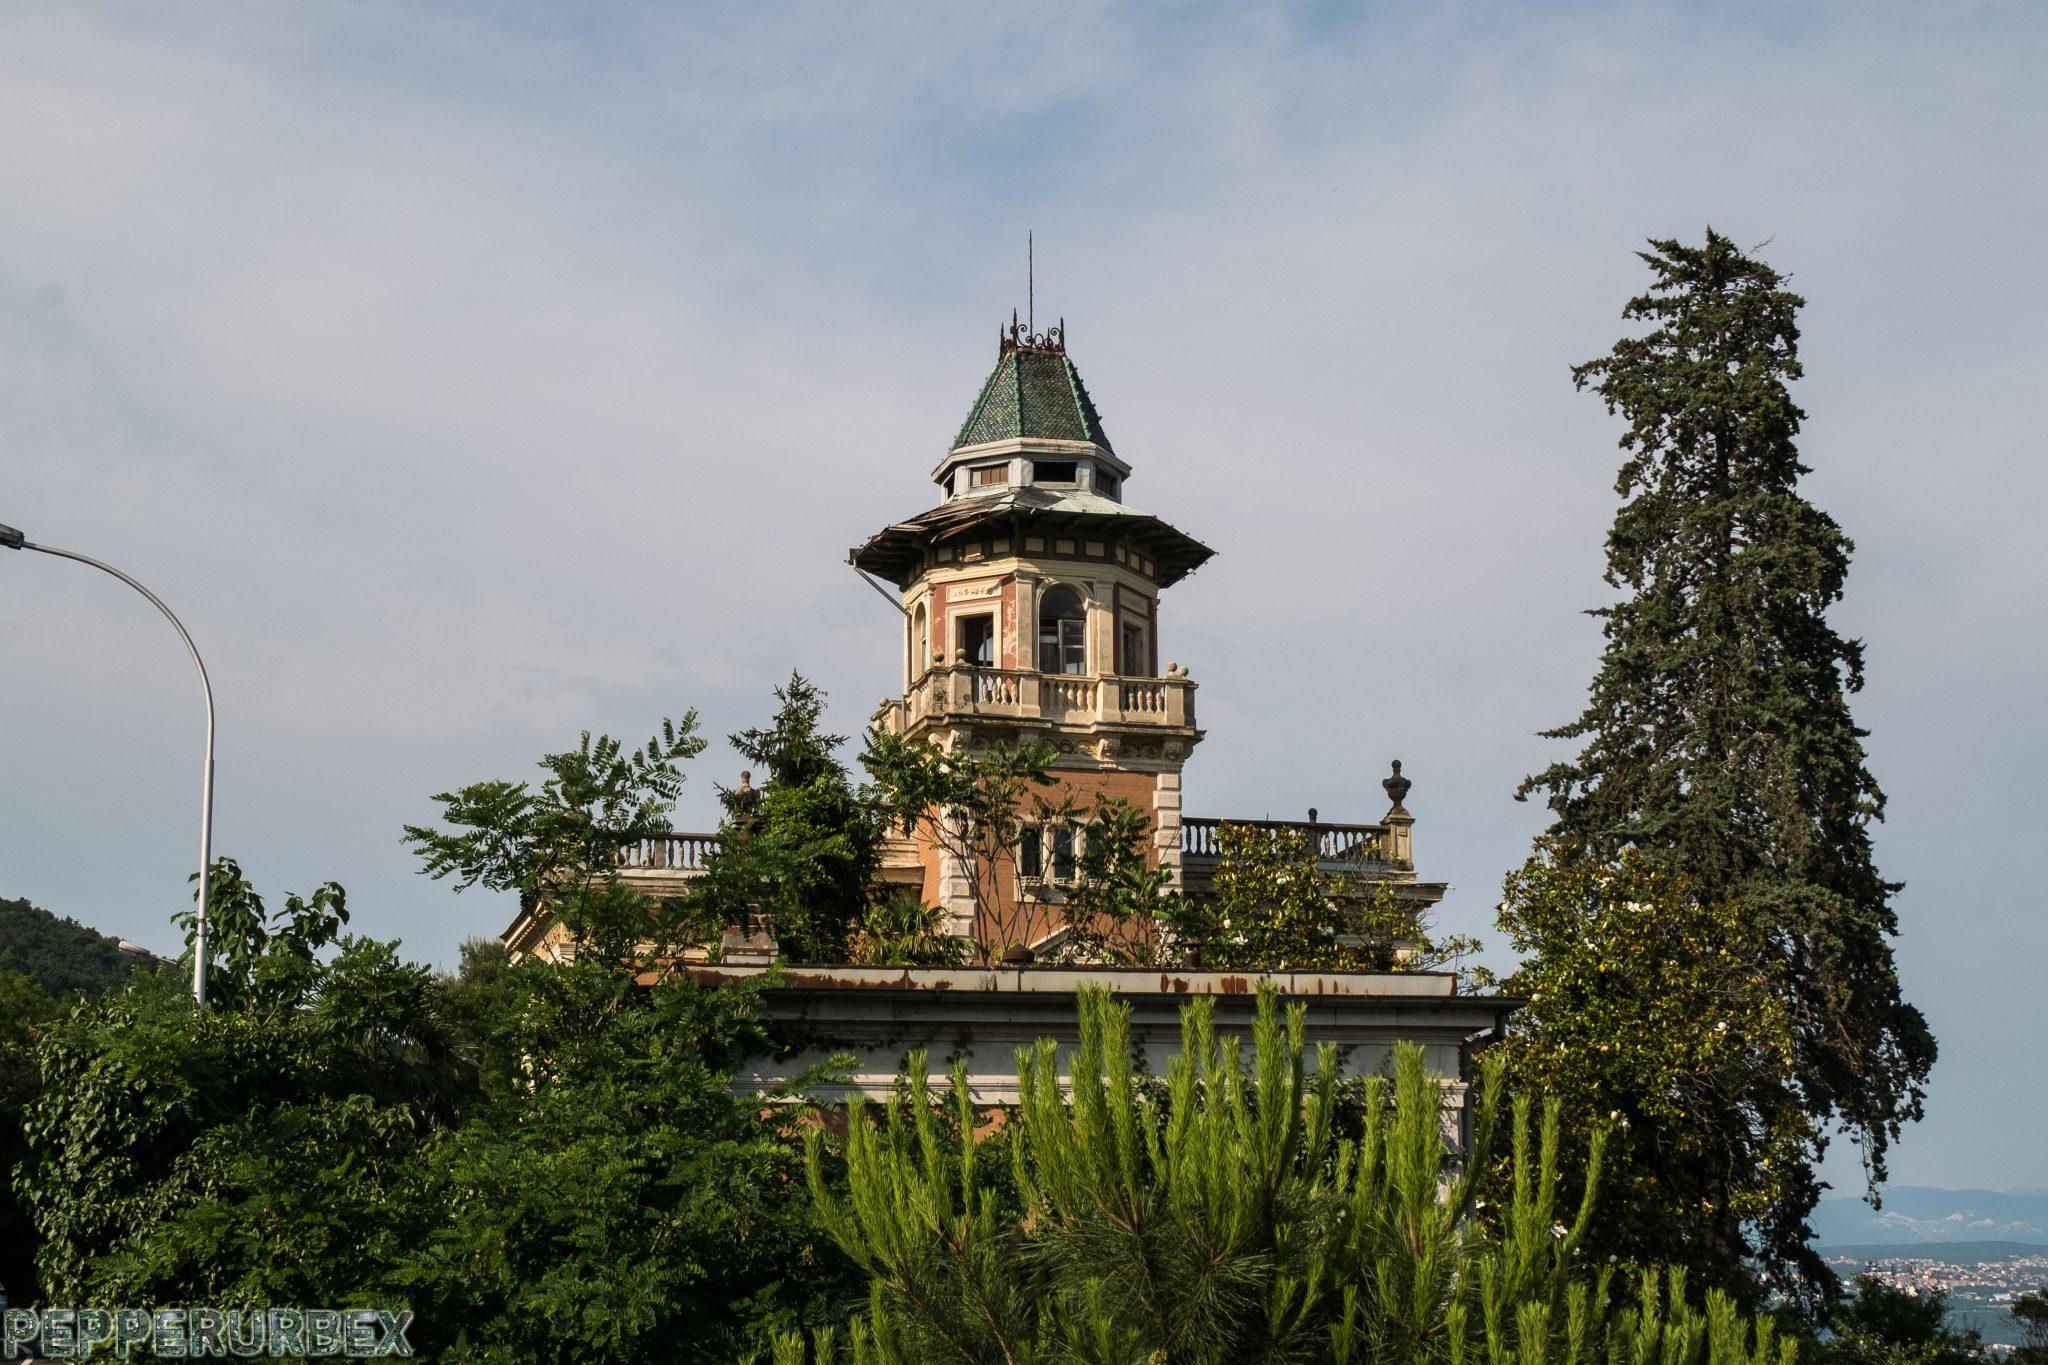 Villa Ludwig 1 van 1 26